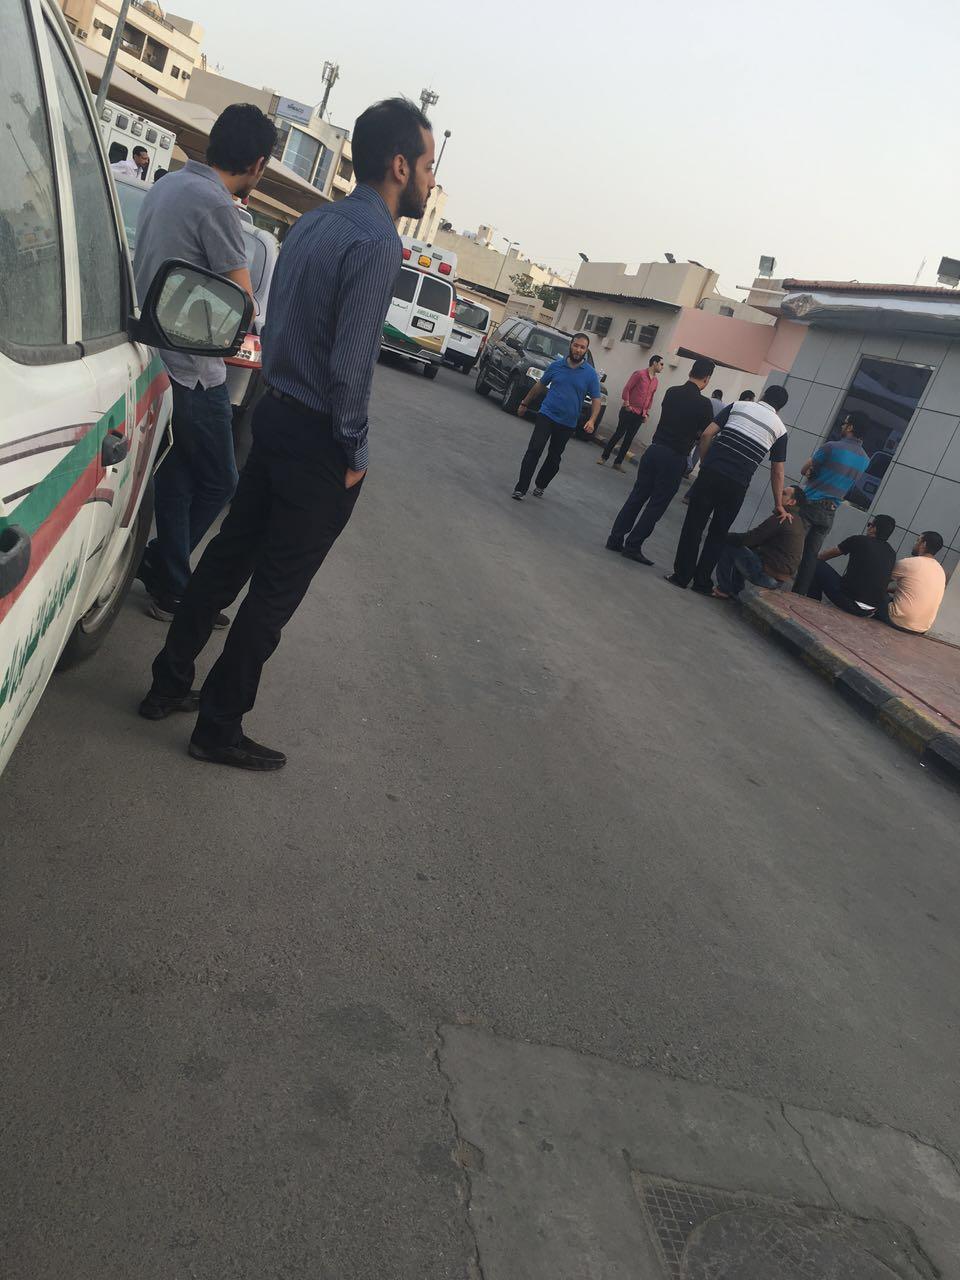 العثور على جثة مصري بالسعودية بعد 70 يومًا من اختفائه